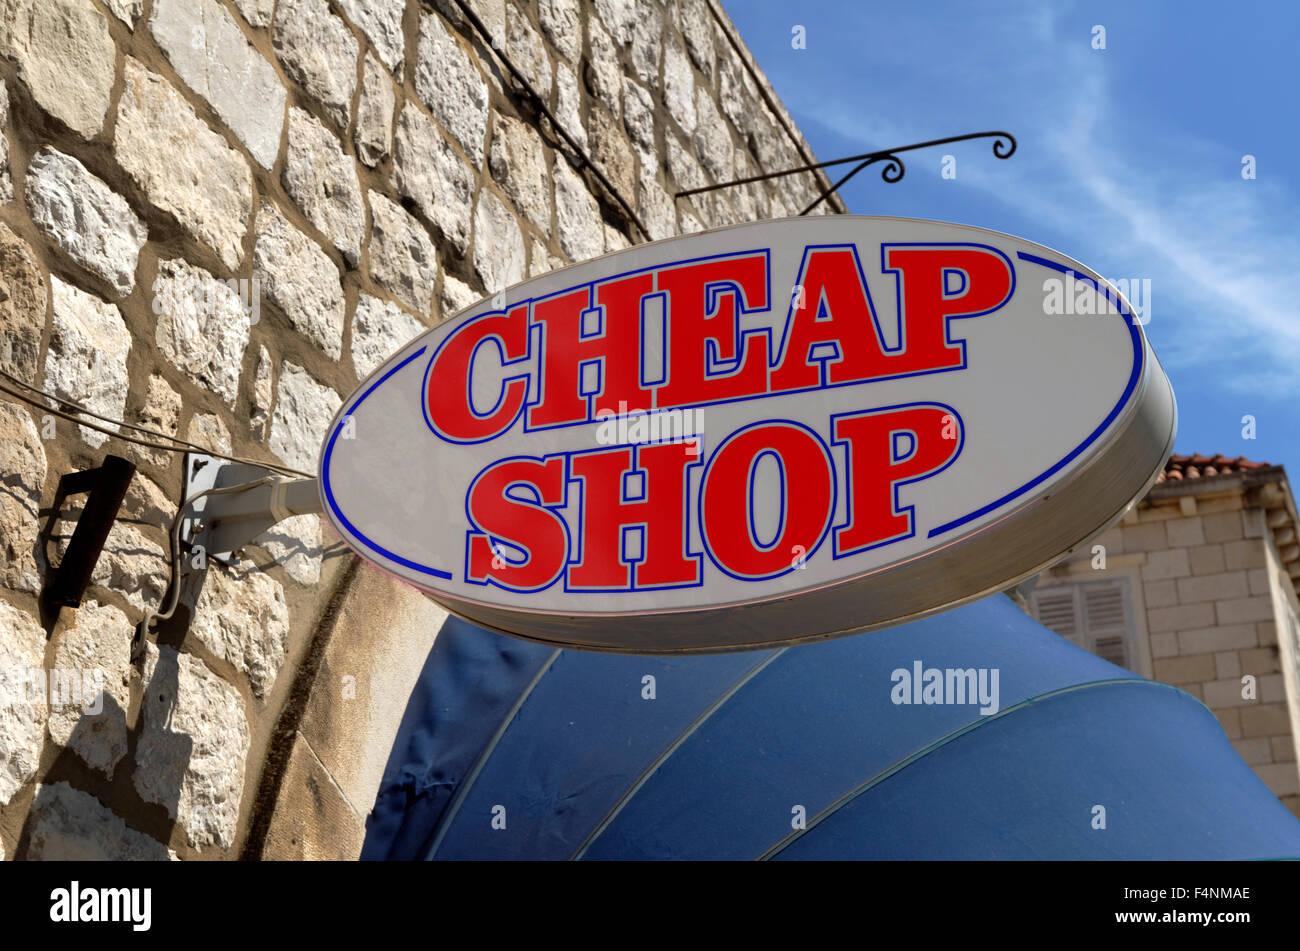 Billig Shop anmelden Stockbild